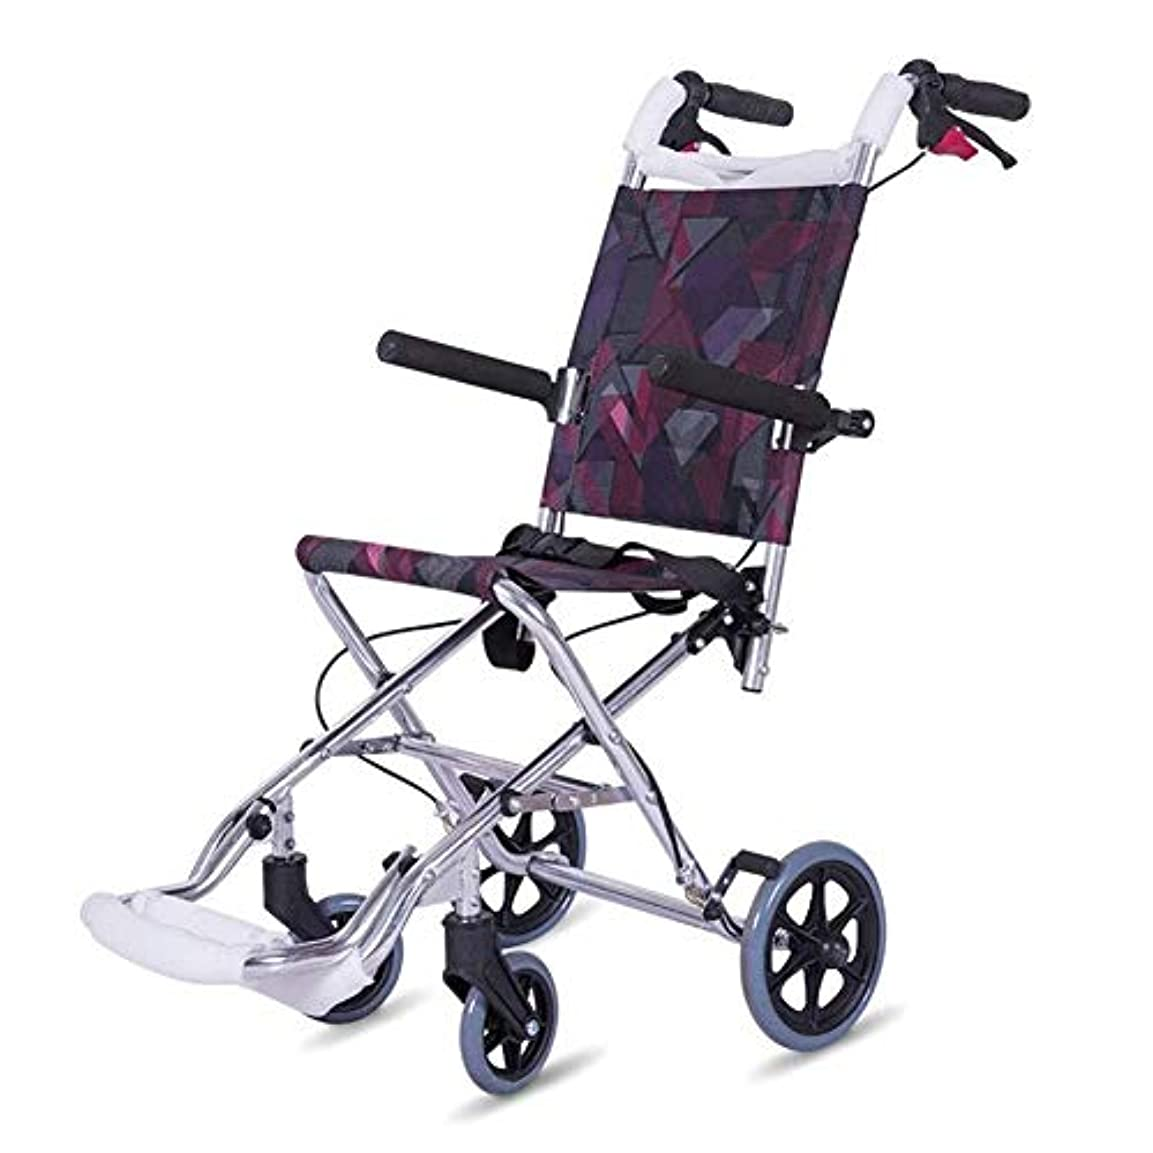 くちばし衣服アヒルアルミ合金超軽量ポータブル子供車椅子